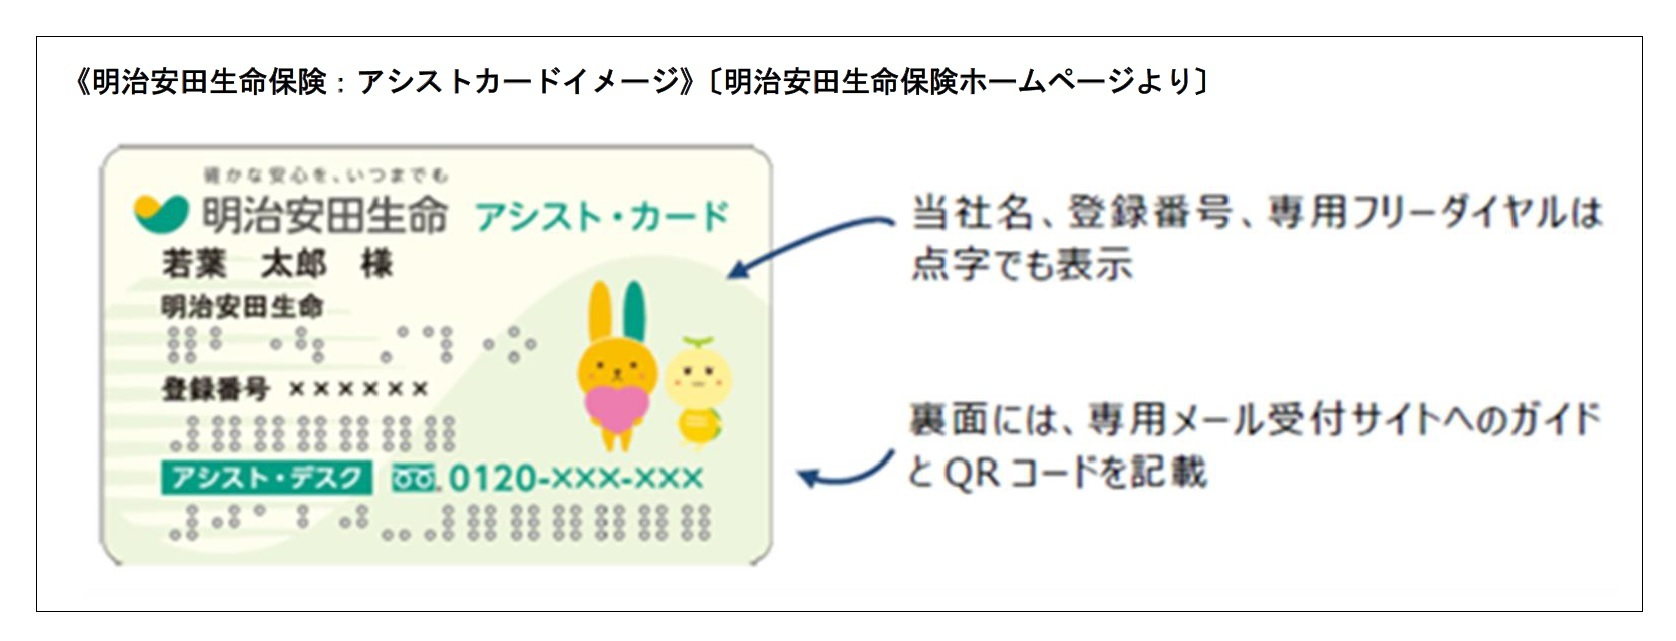 明治安田生命保険:アシストカードイメージ